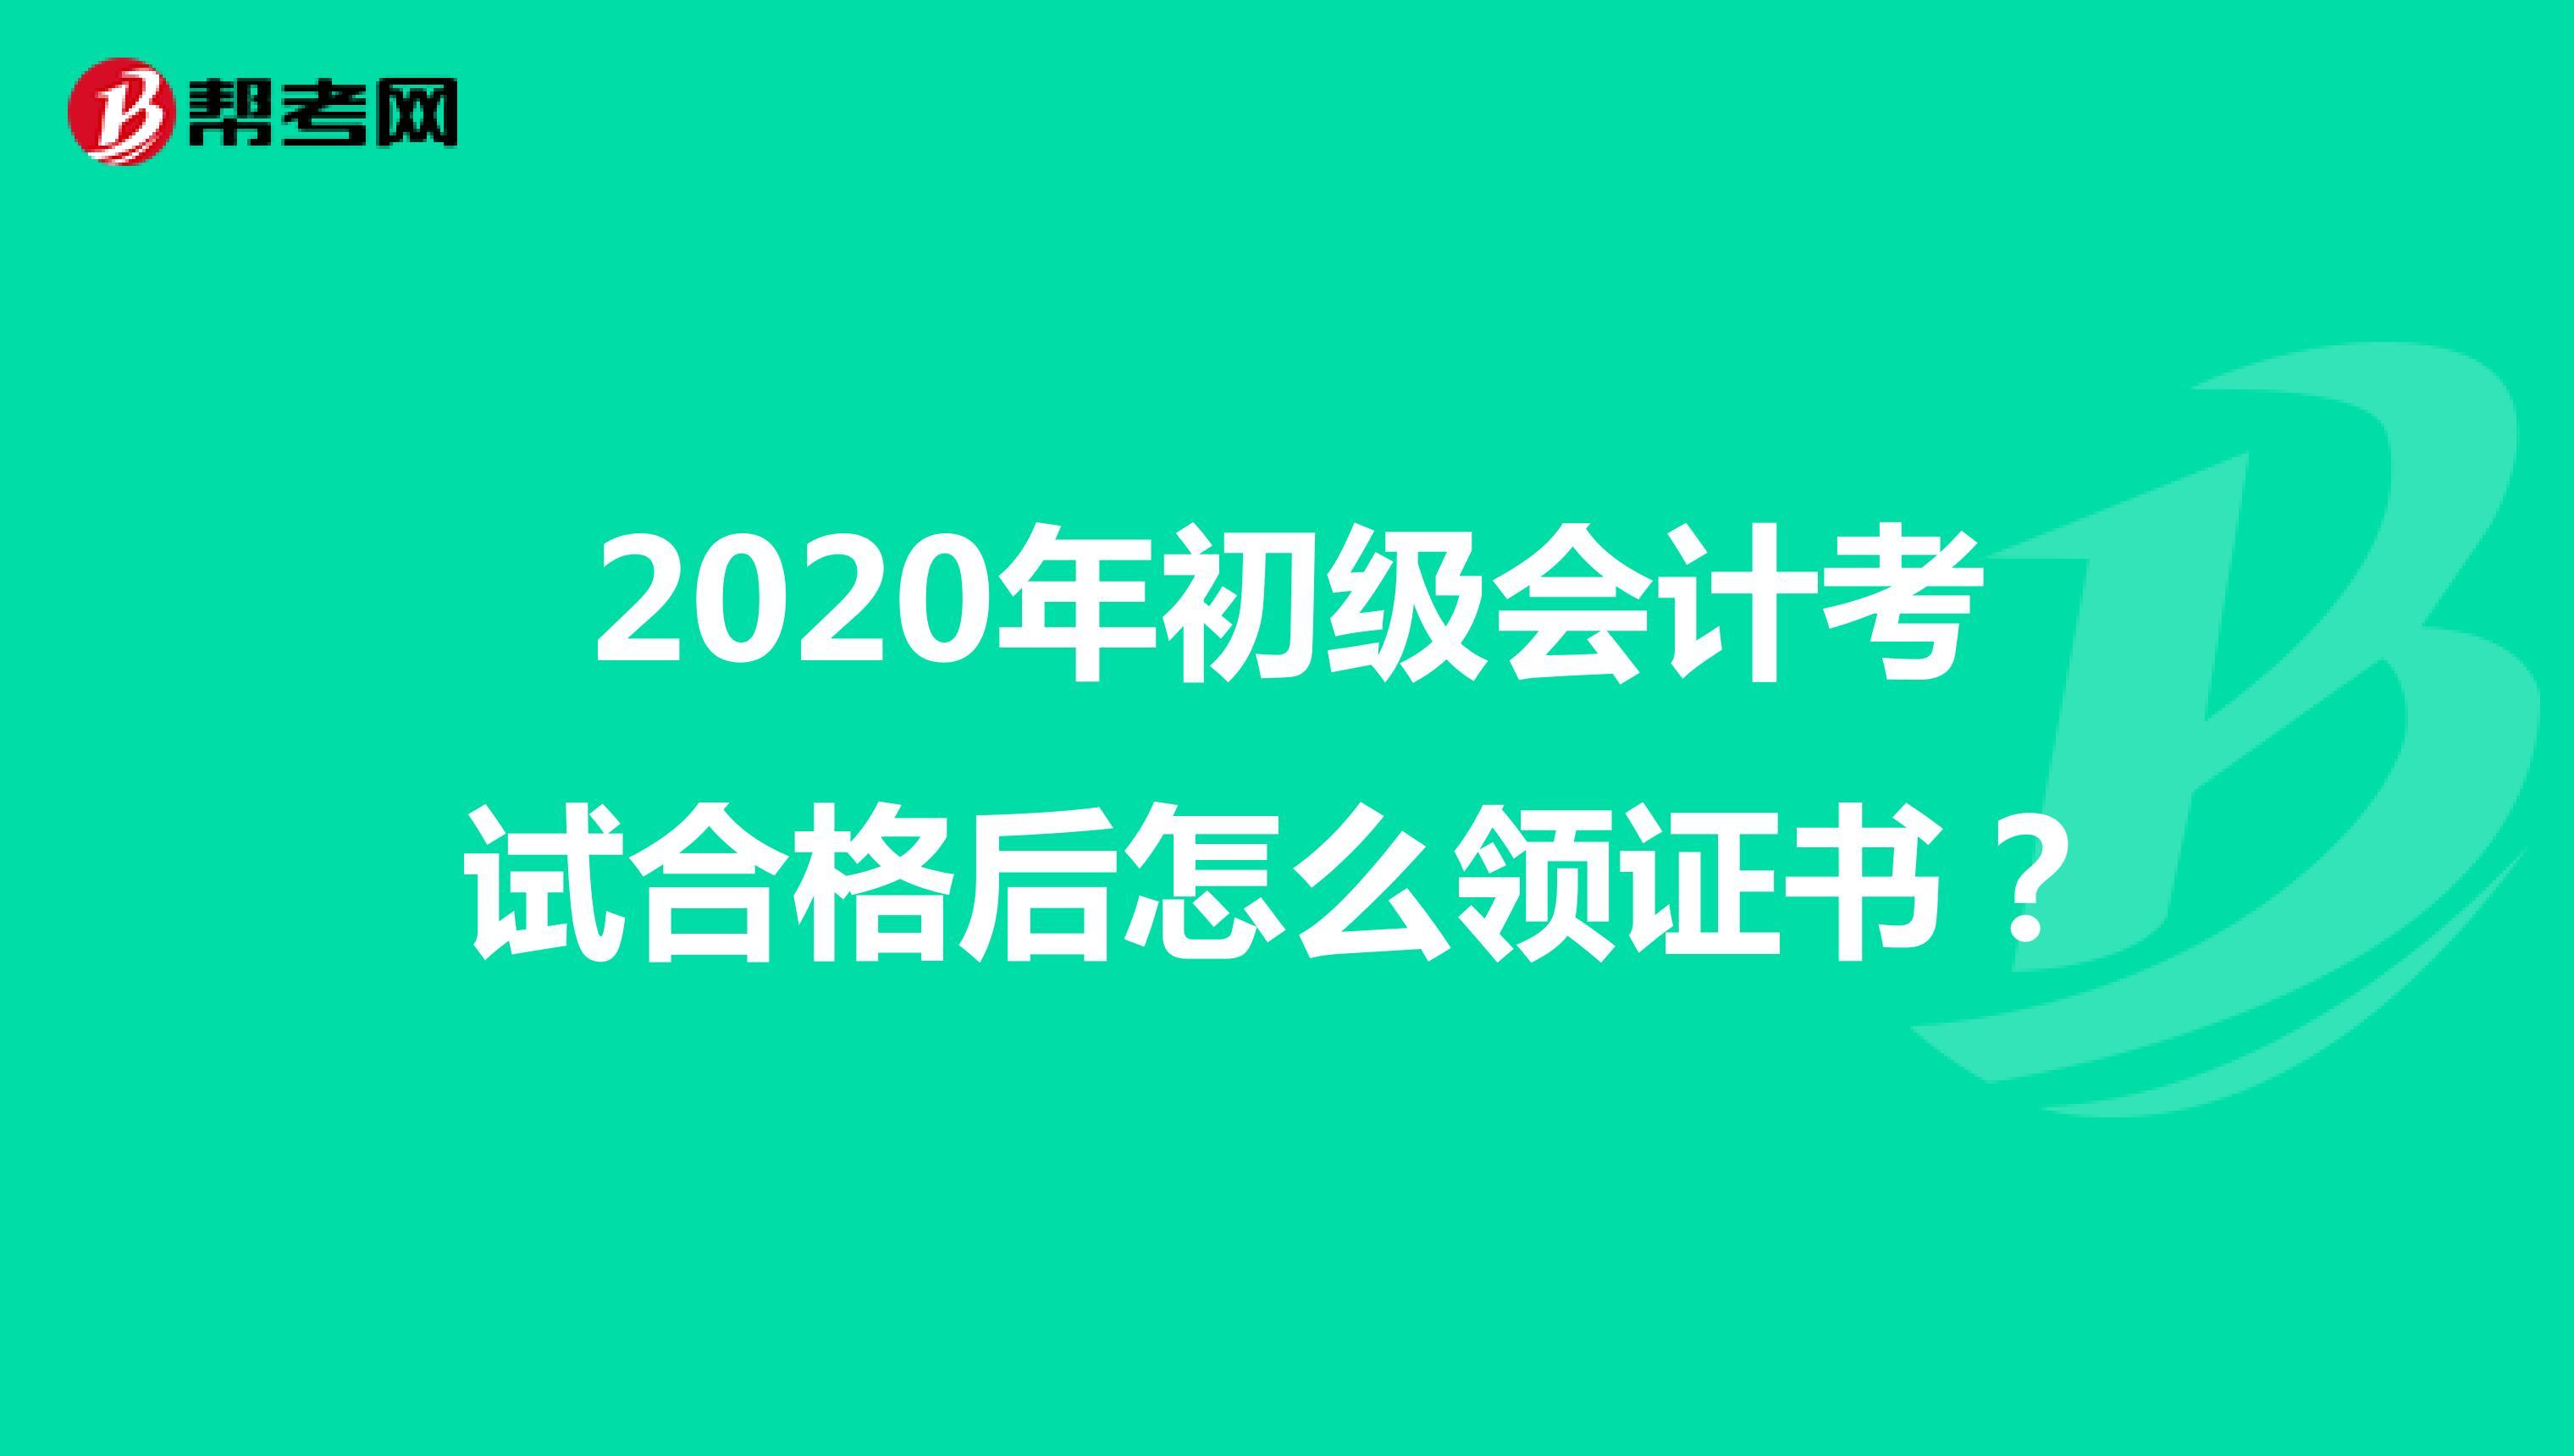 2020年初级会计考试合格后怎么领证书?